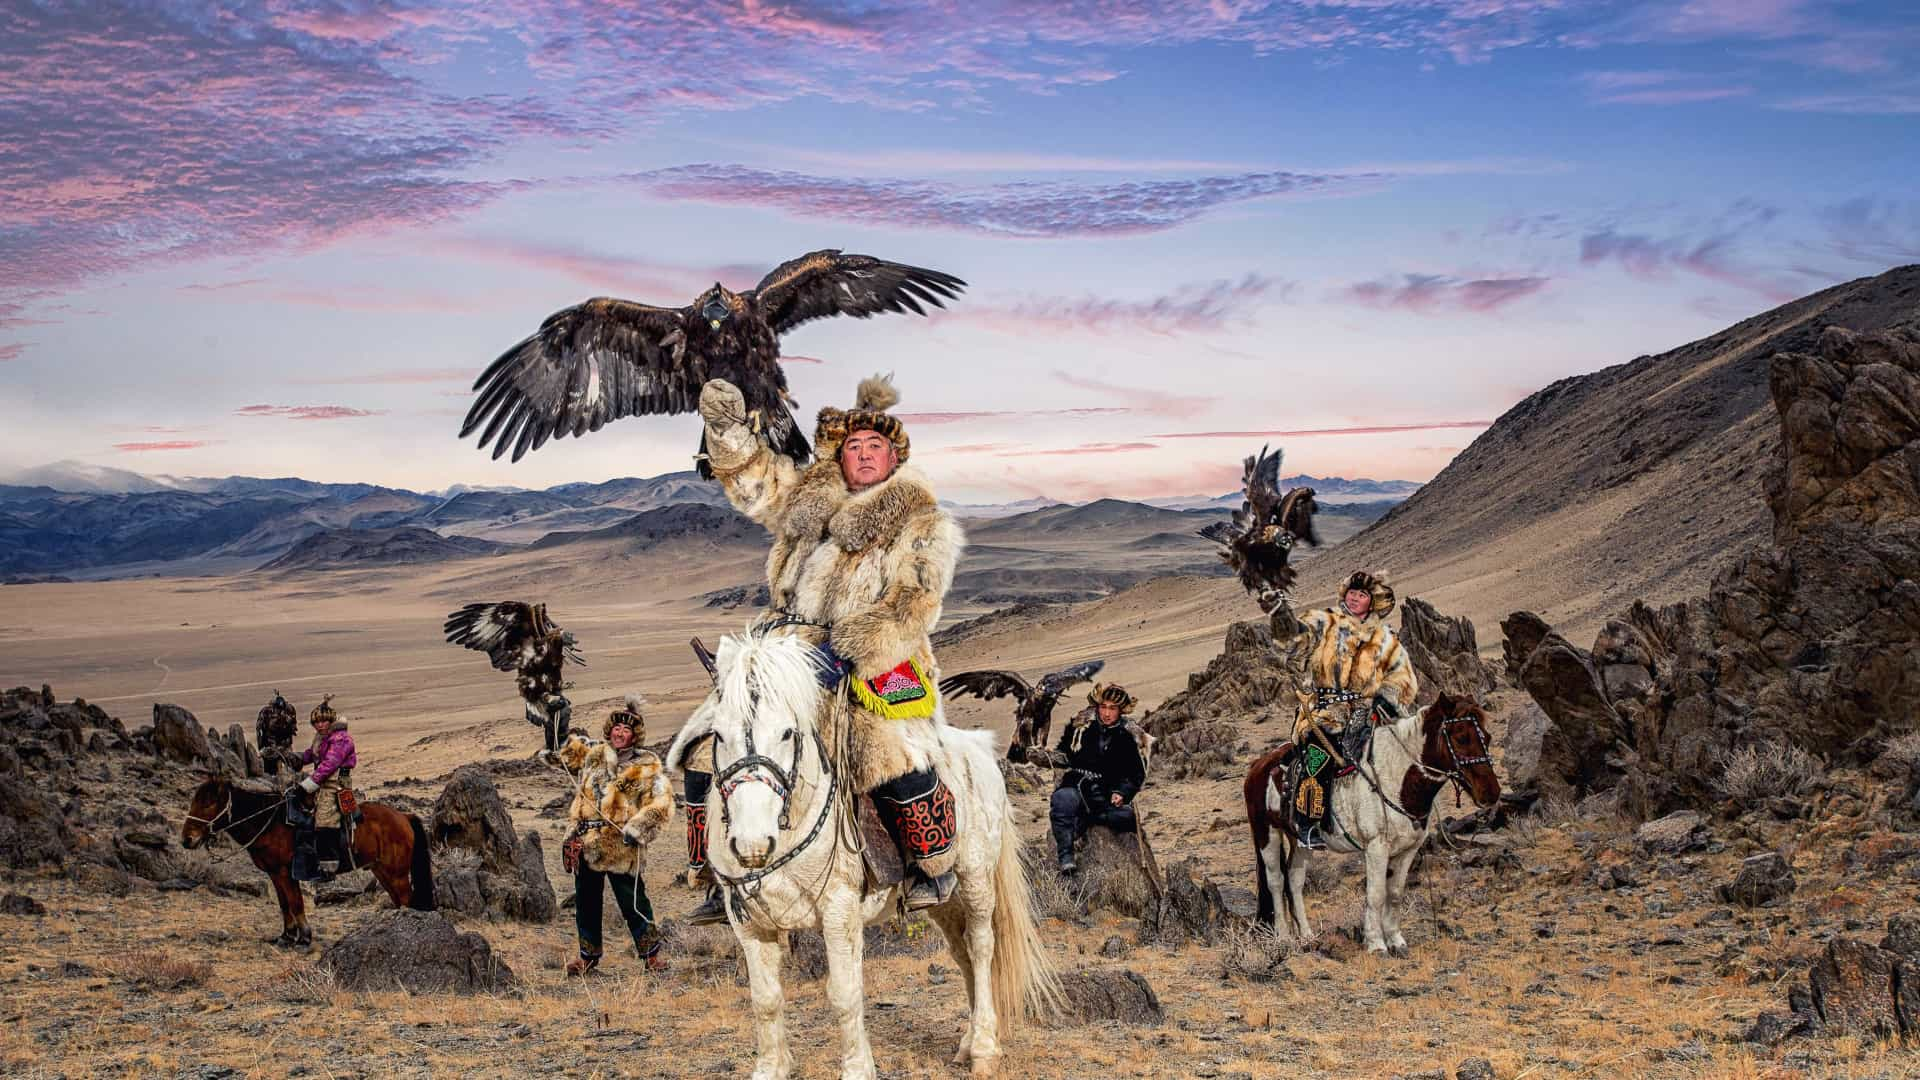 Mongólia: fatos sobre o país que foi berço do Império Mongol